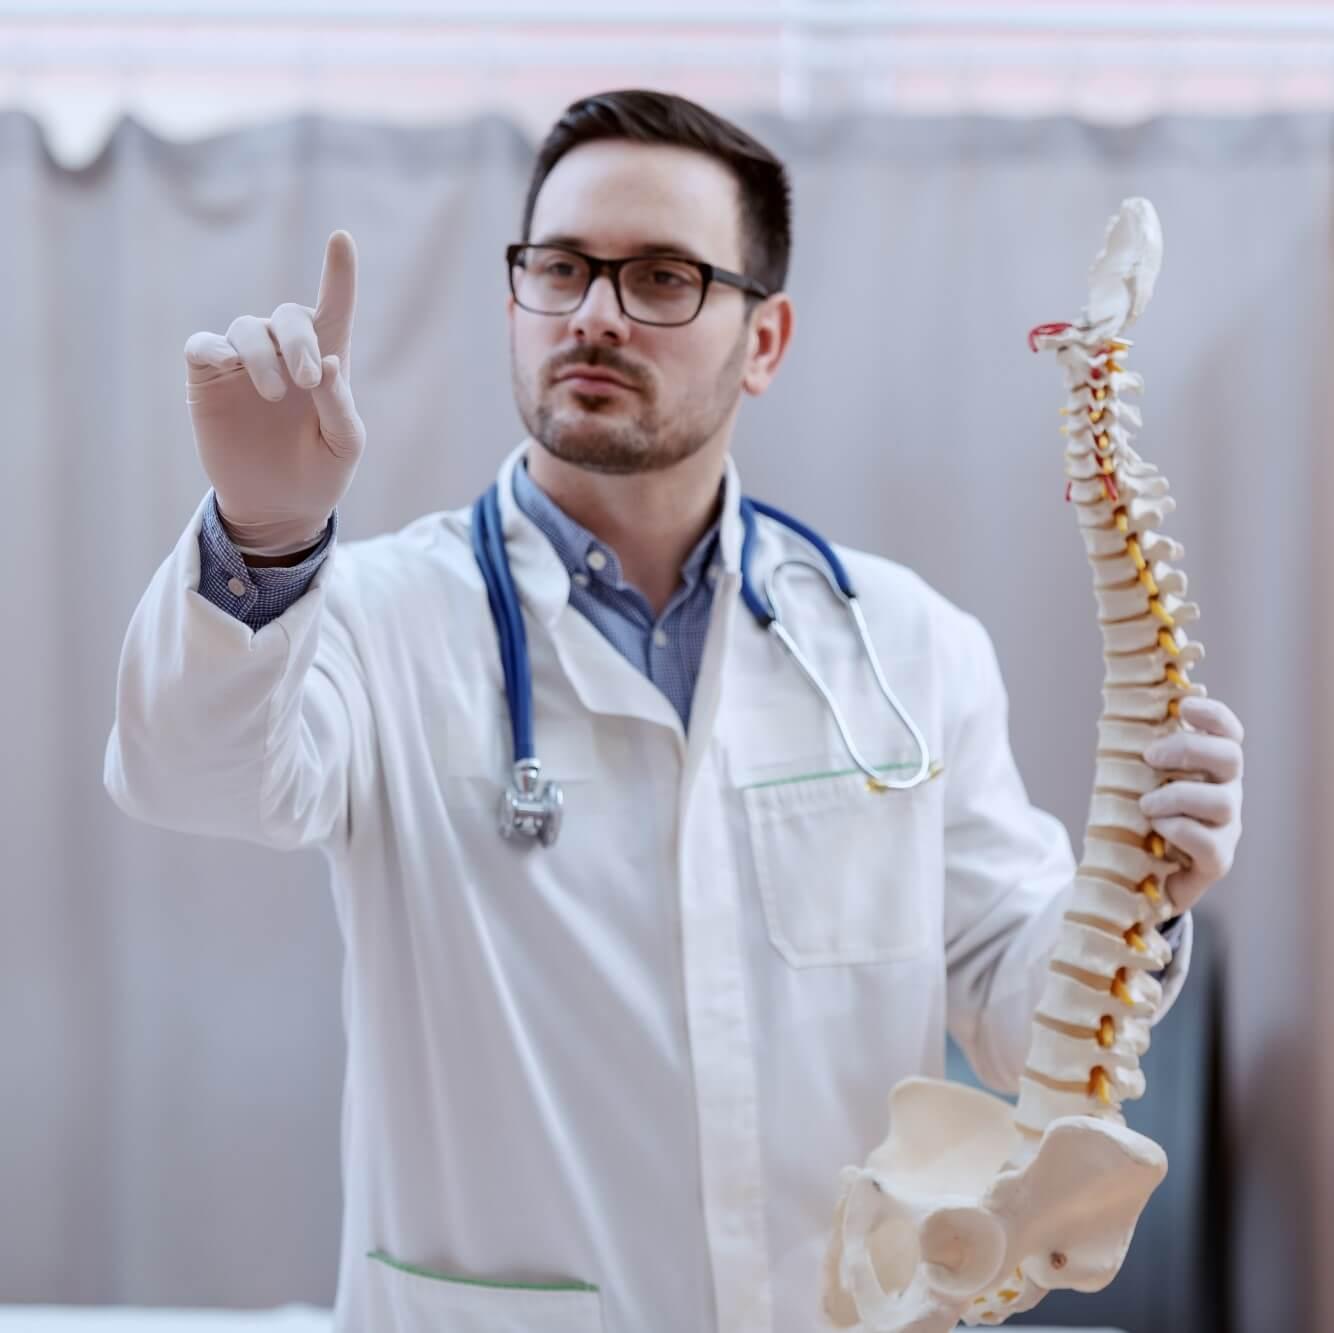 Arzt im Krankenhaus gibt Unterricht mithilfe eines Wirbelsäulenmodells